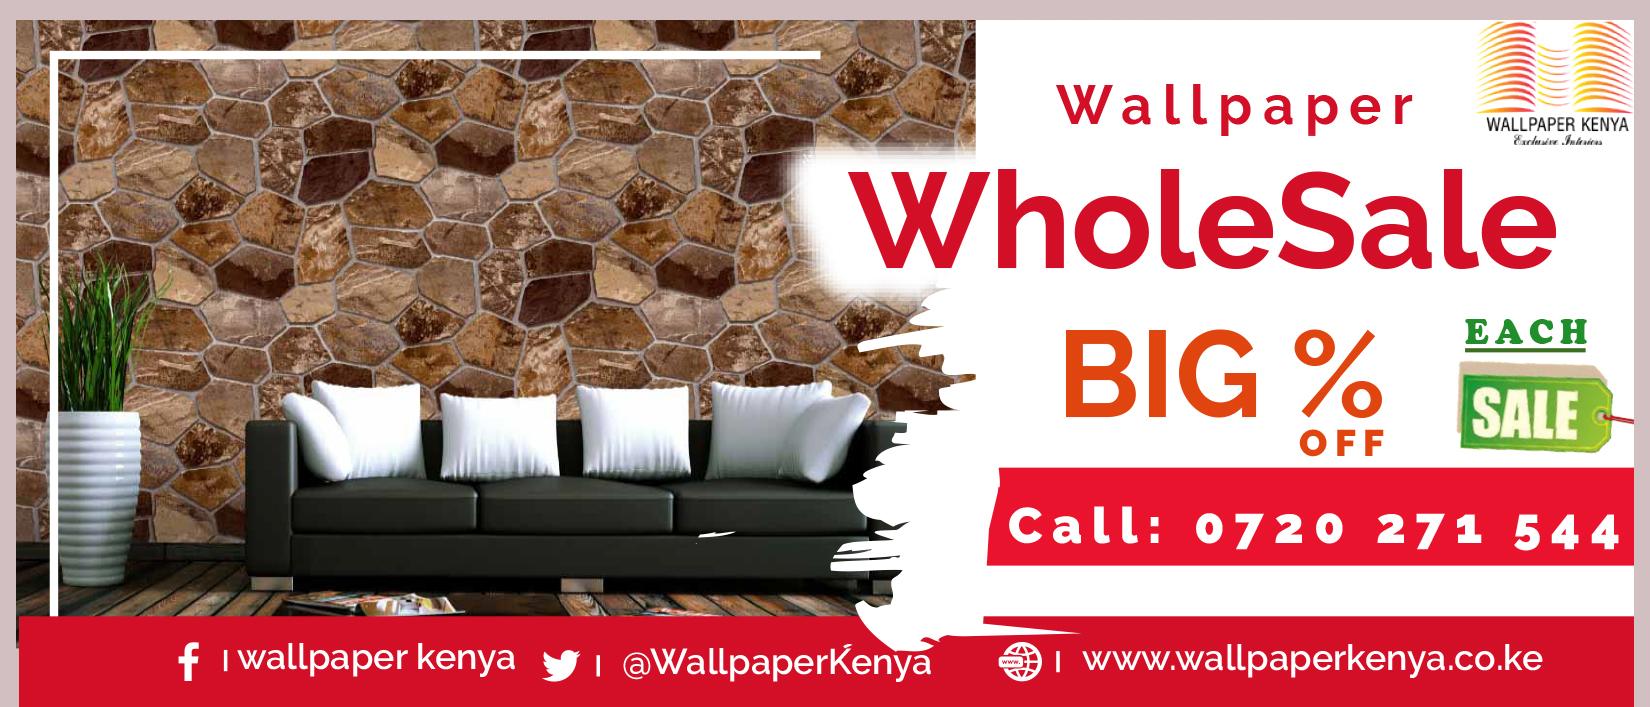 Wallpaper Wholesalers - Call: +254741889754 Wallpaper Kenya.